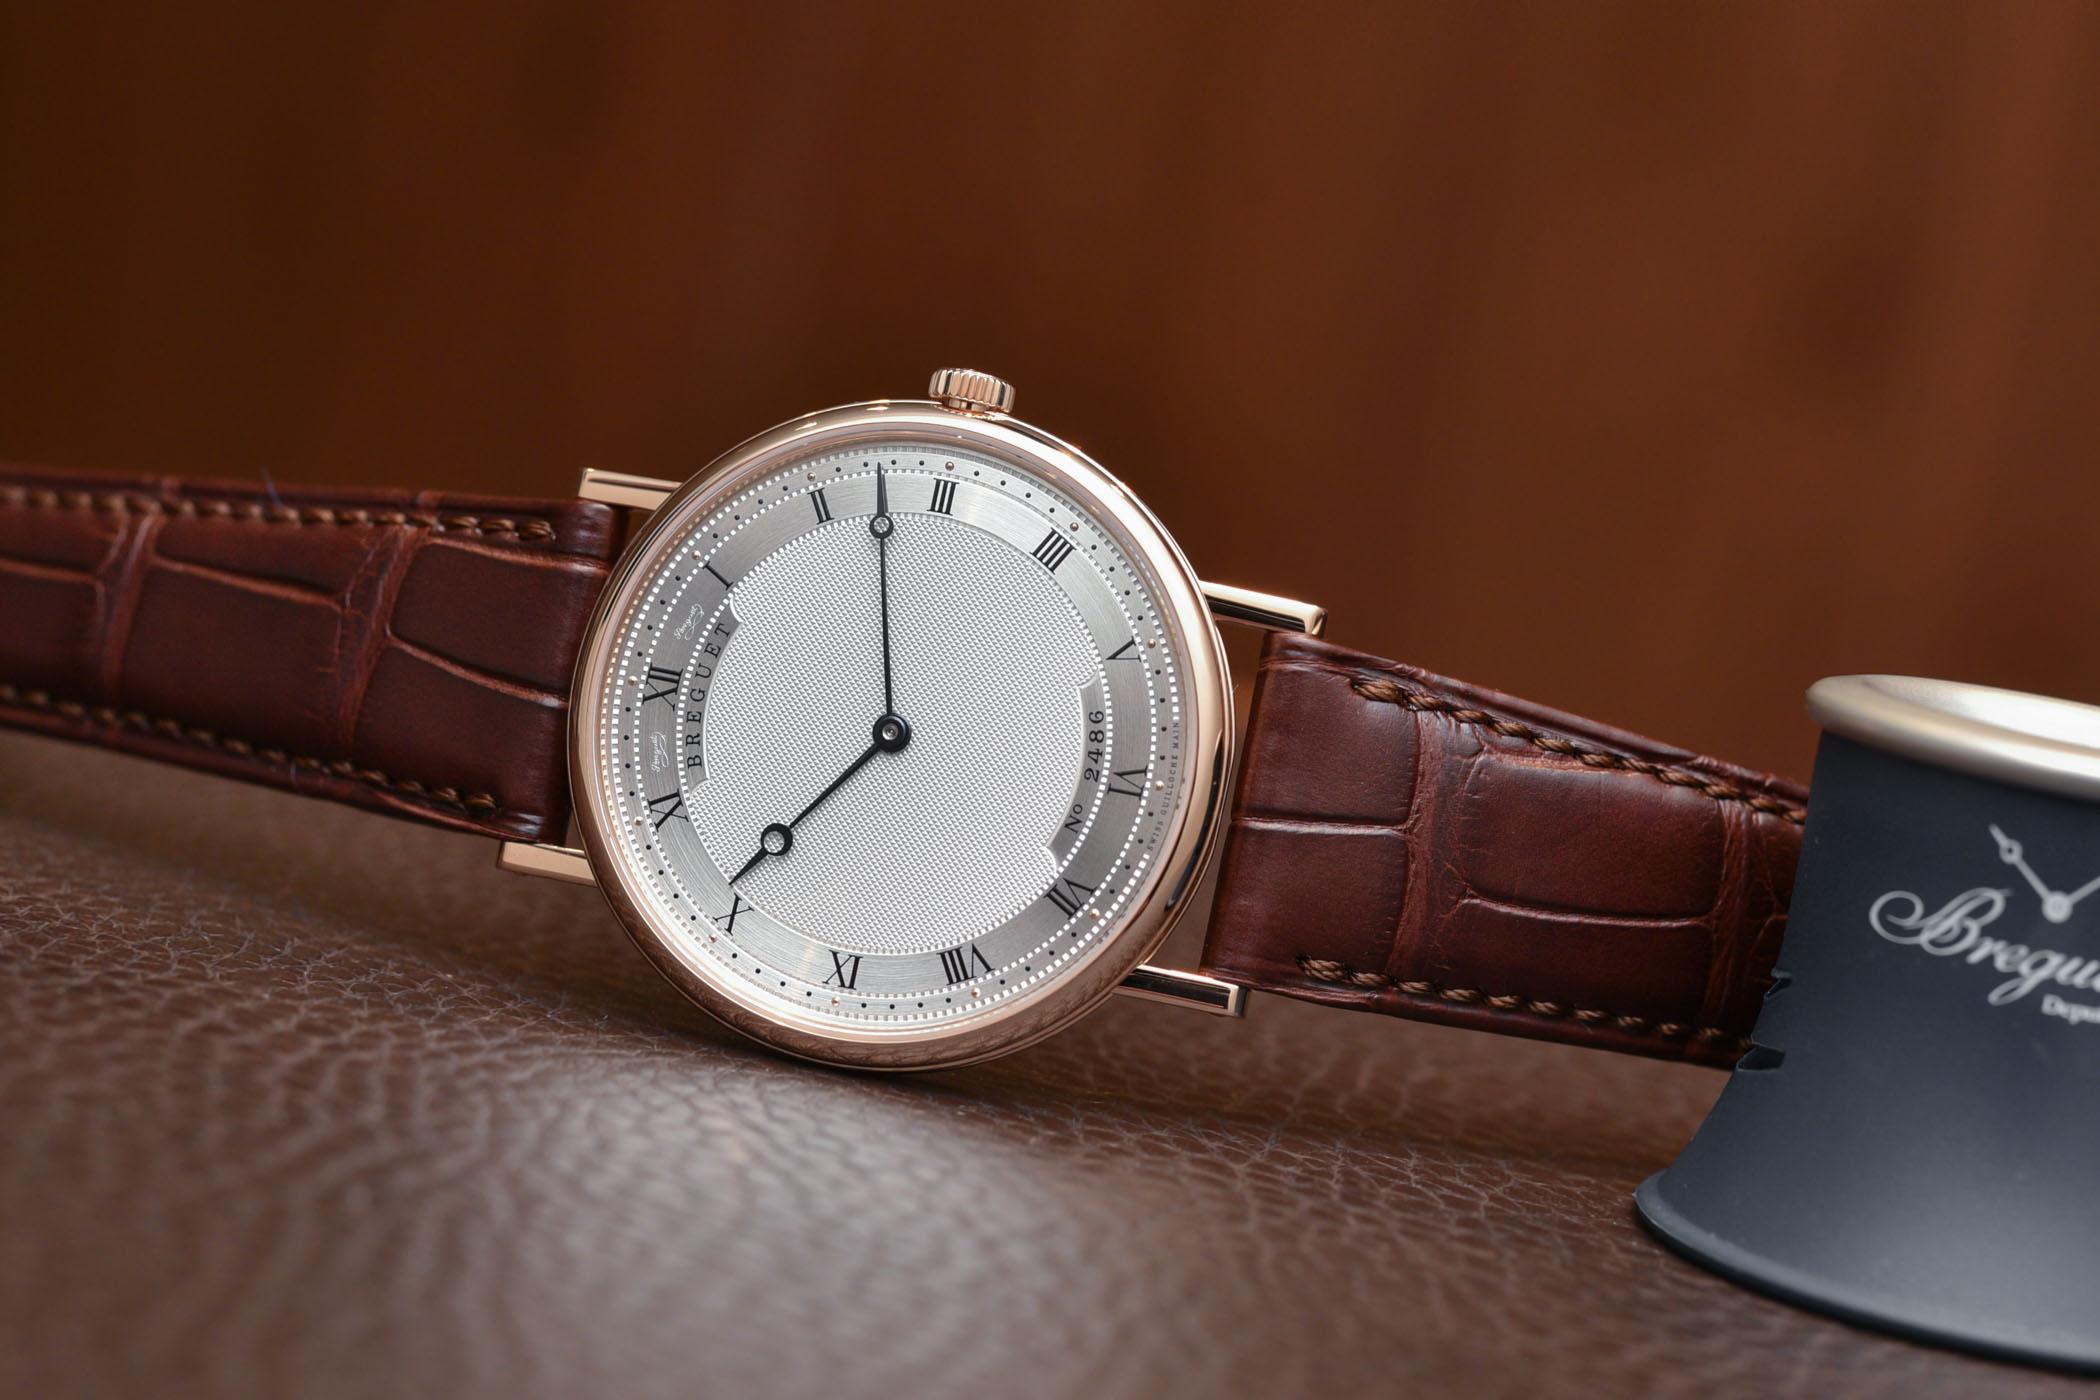 Breguet Classique Extra Plate 5157 pink gold